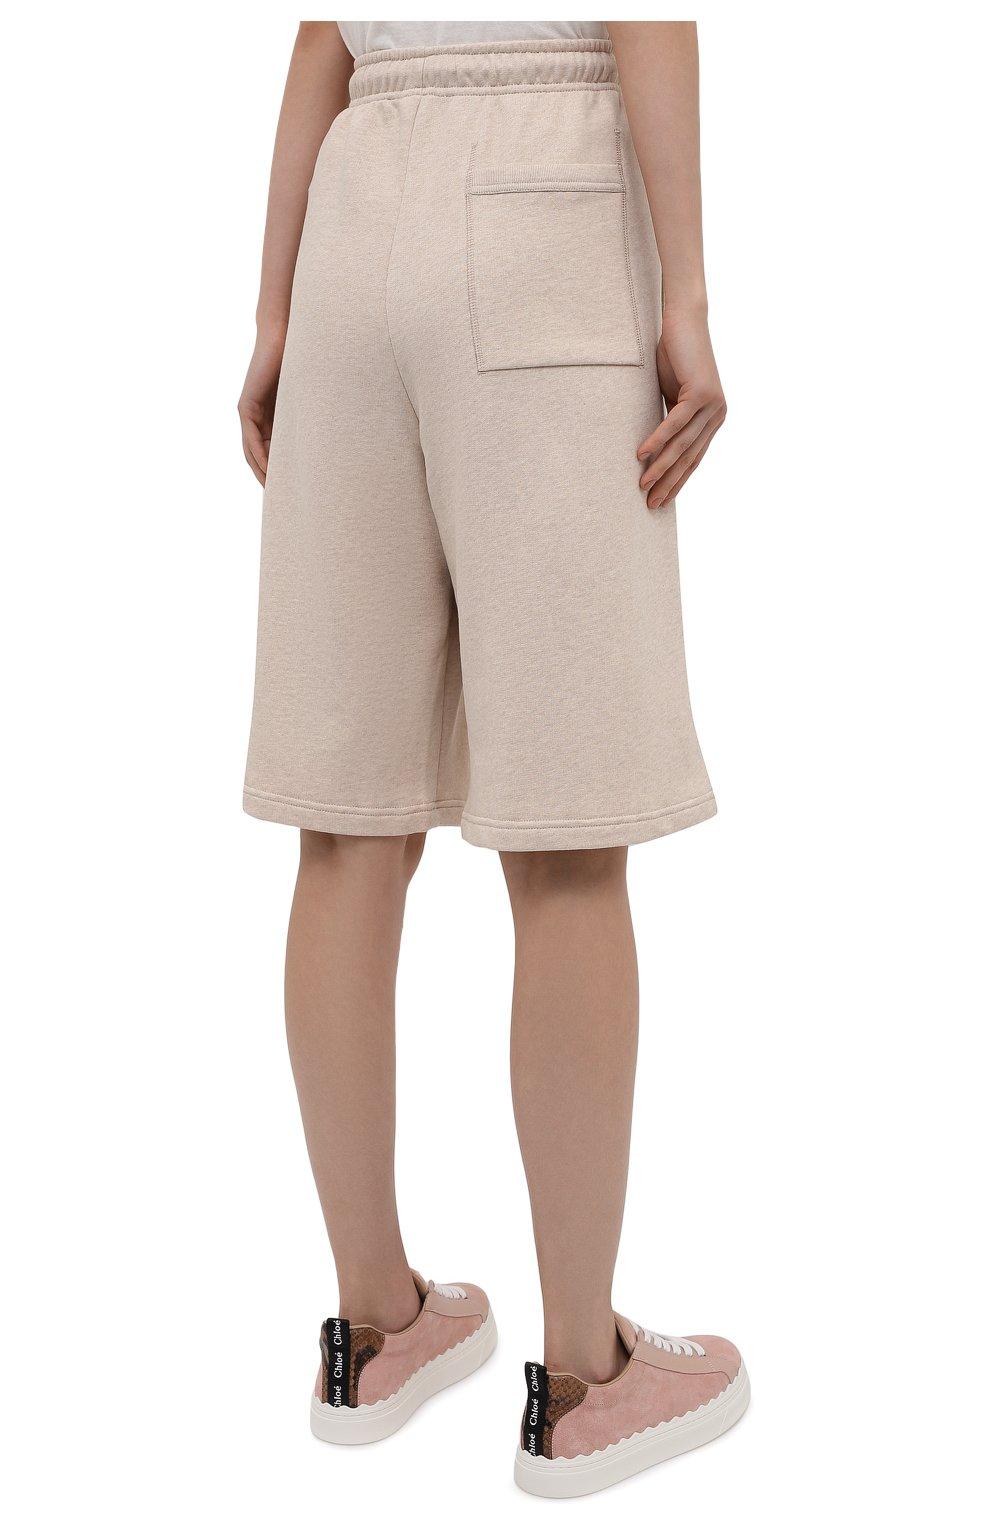 Женские хлопковые шорты ACNE STUDIOS светло-бежевого цвета, арт. CE0015/W | Фото 4 (Женское Кросс-КТ: Шорты-одежда; Кросс-КТ: Трикотаж; Материал внешний: Хлопок; Стили: Спорт-шик; Длина Ж (юбки, платья, шорты): Миди)